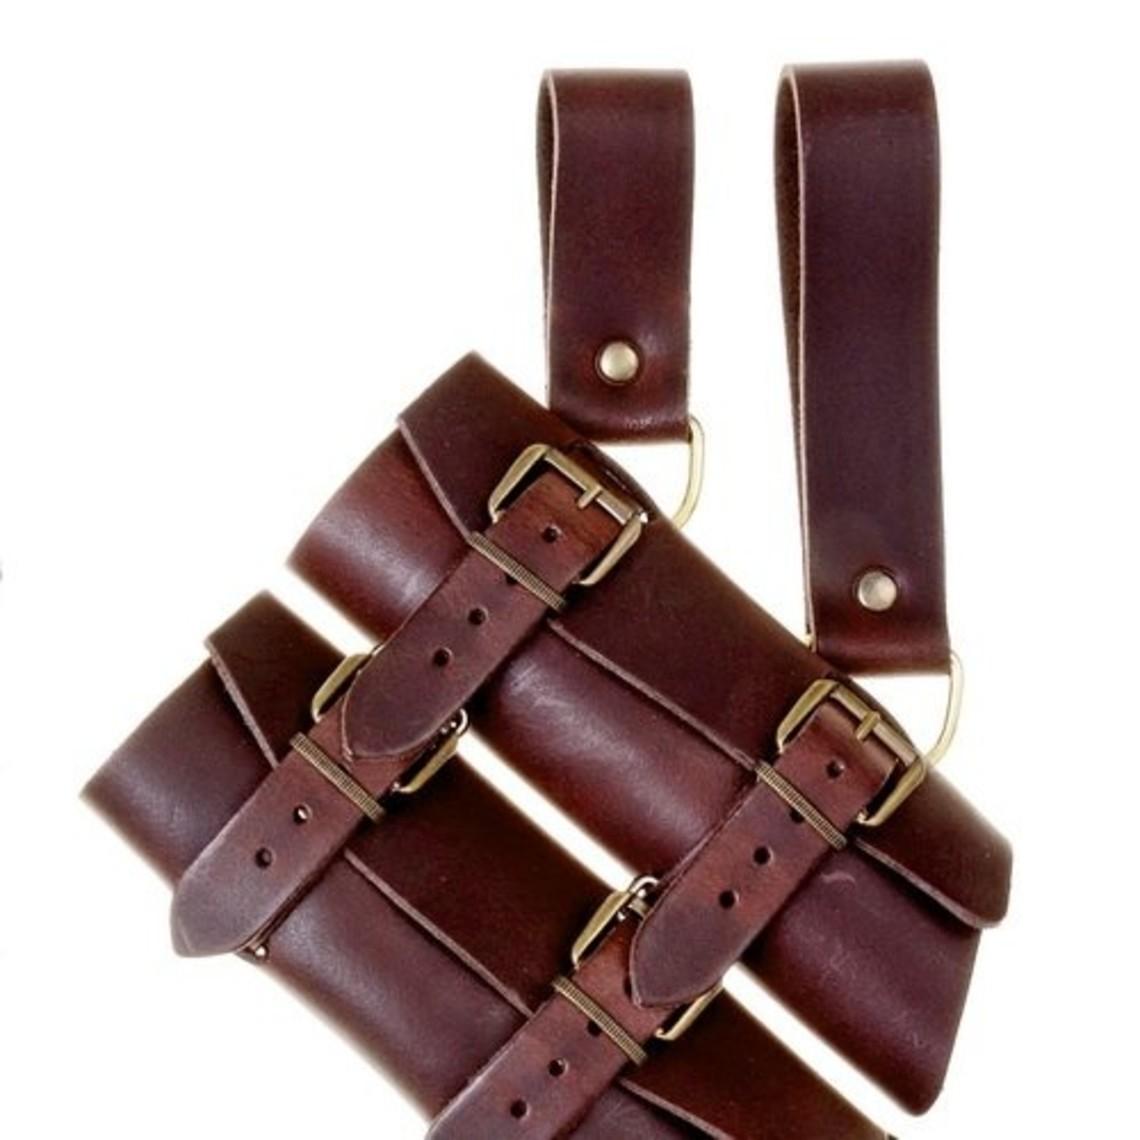 Luksuriøs sværd & dolk indehaver, brun